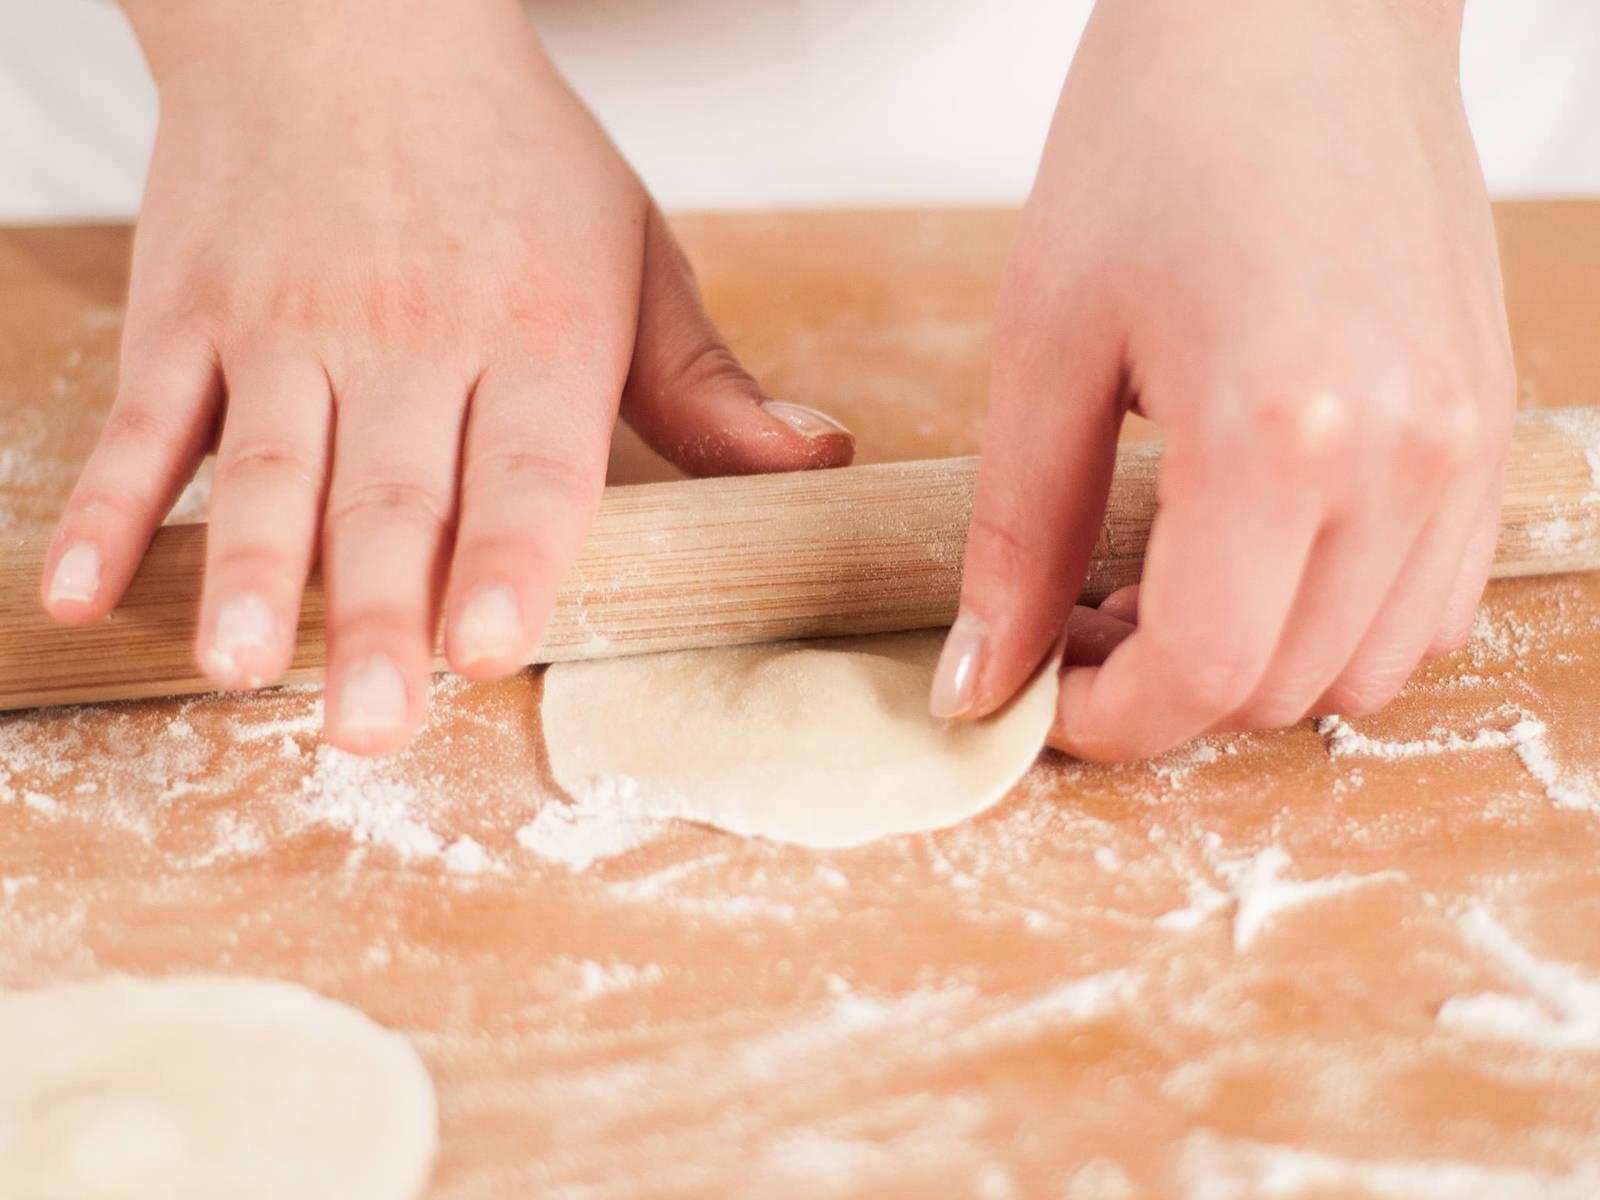 再用擀面杖将圆饼擀成中间略厚的饺子皮。